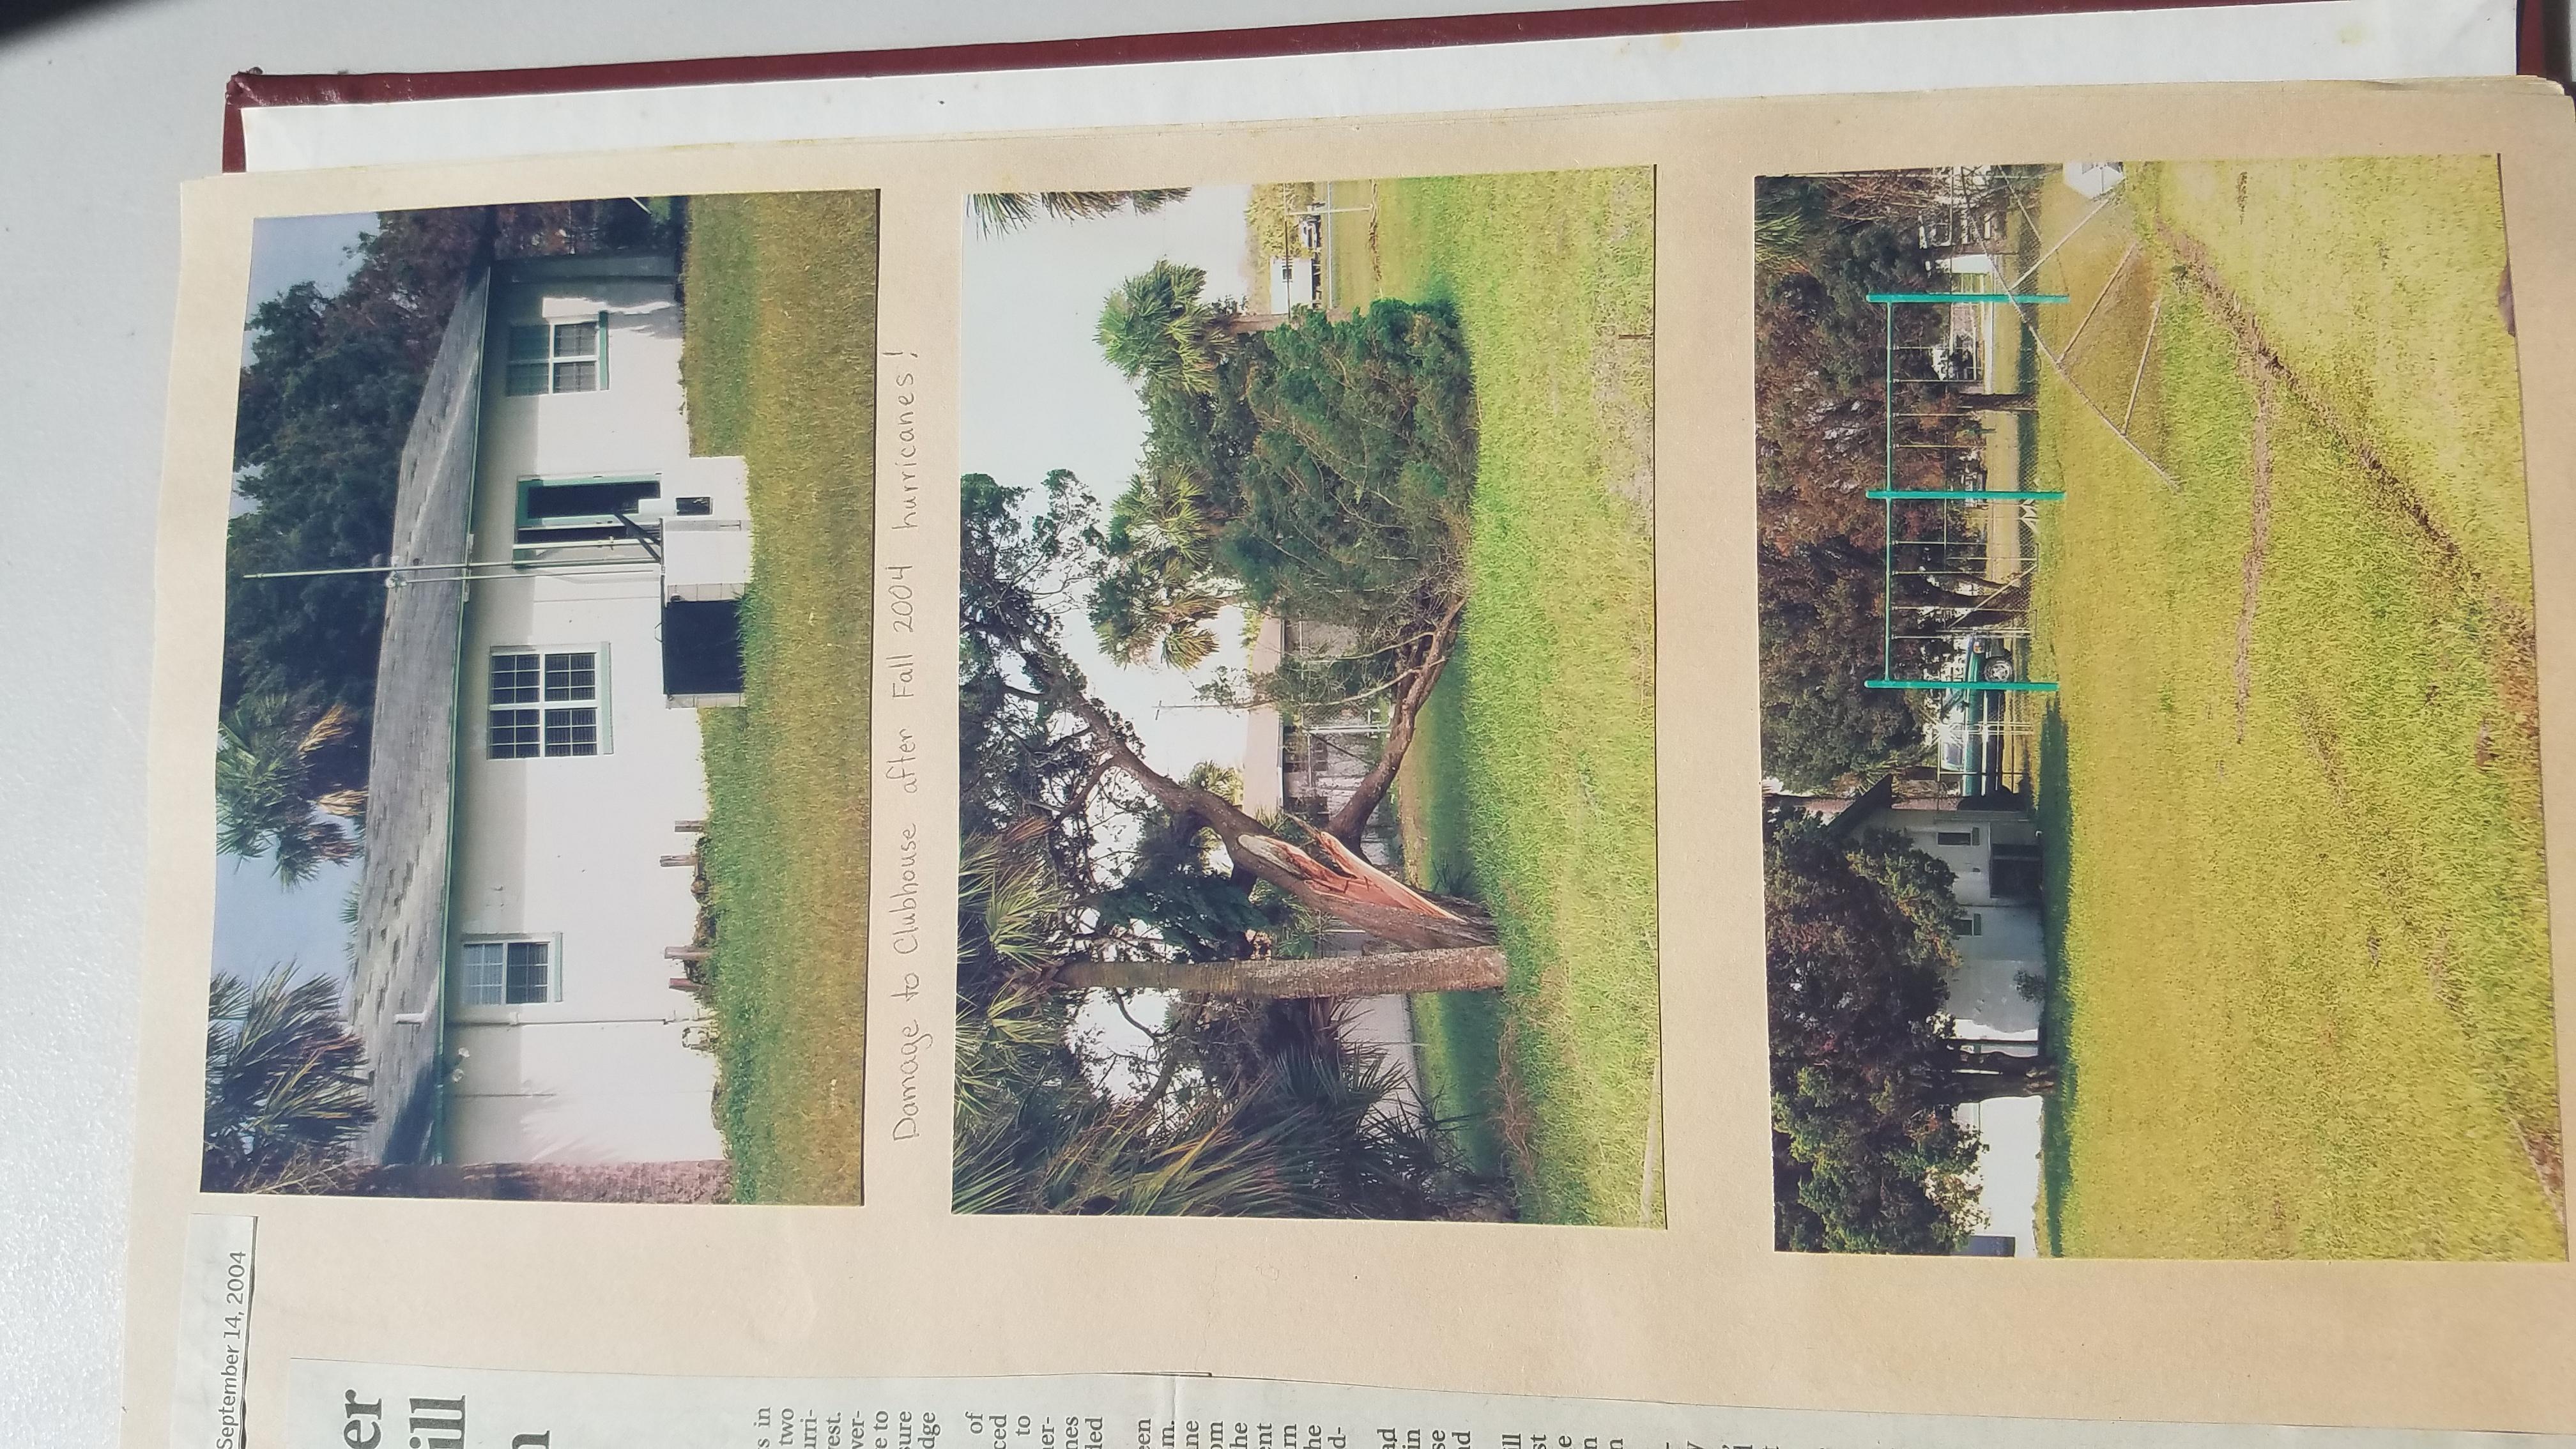 2004 Hurricane Damage